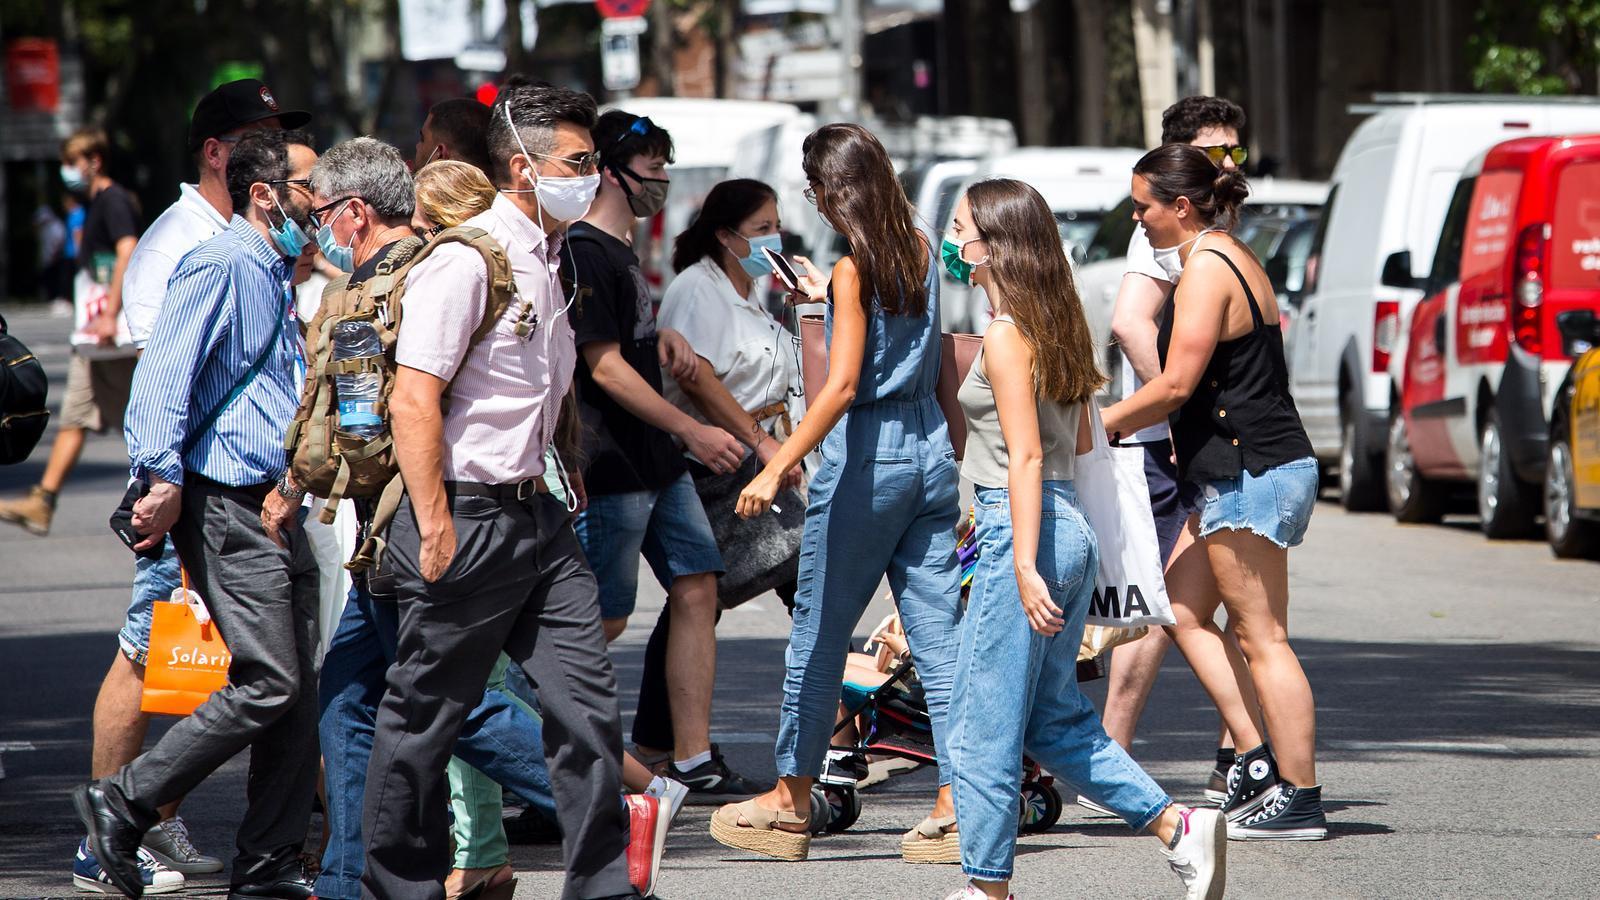 Multa de 100 euros a qui vagi sense mascareta als espais públics a partir d'aquest dijous